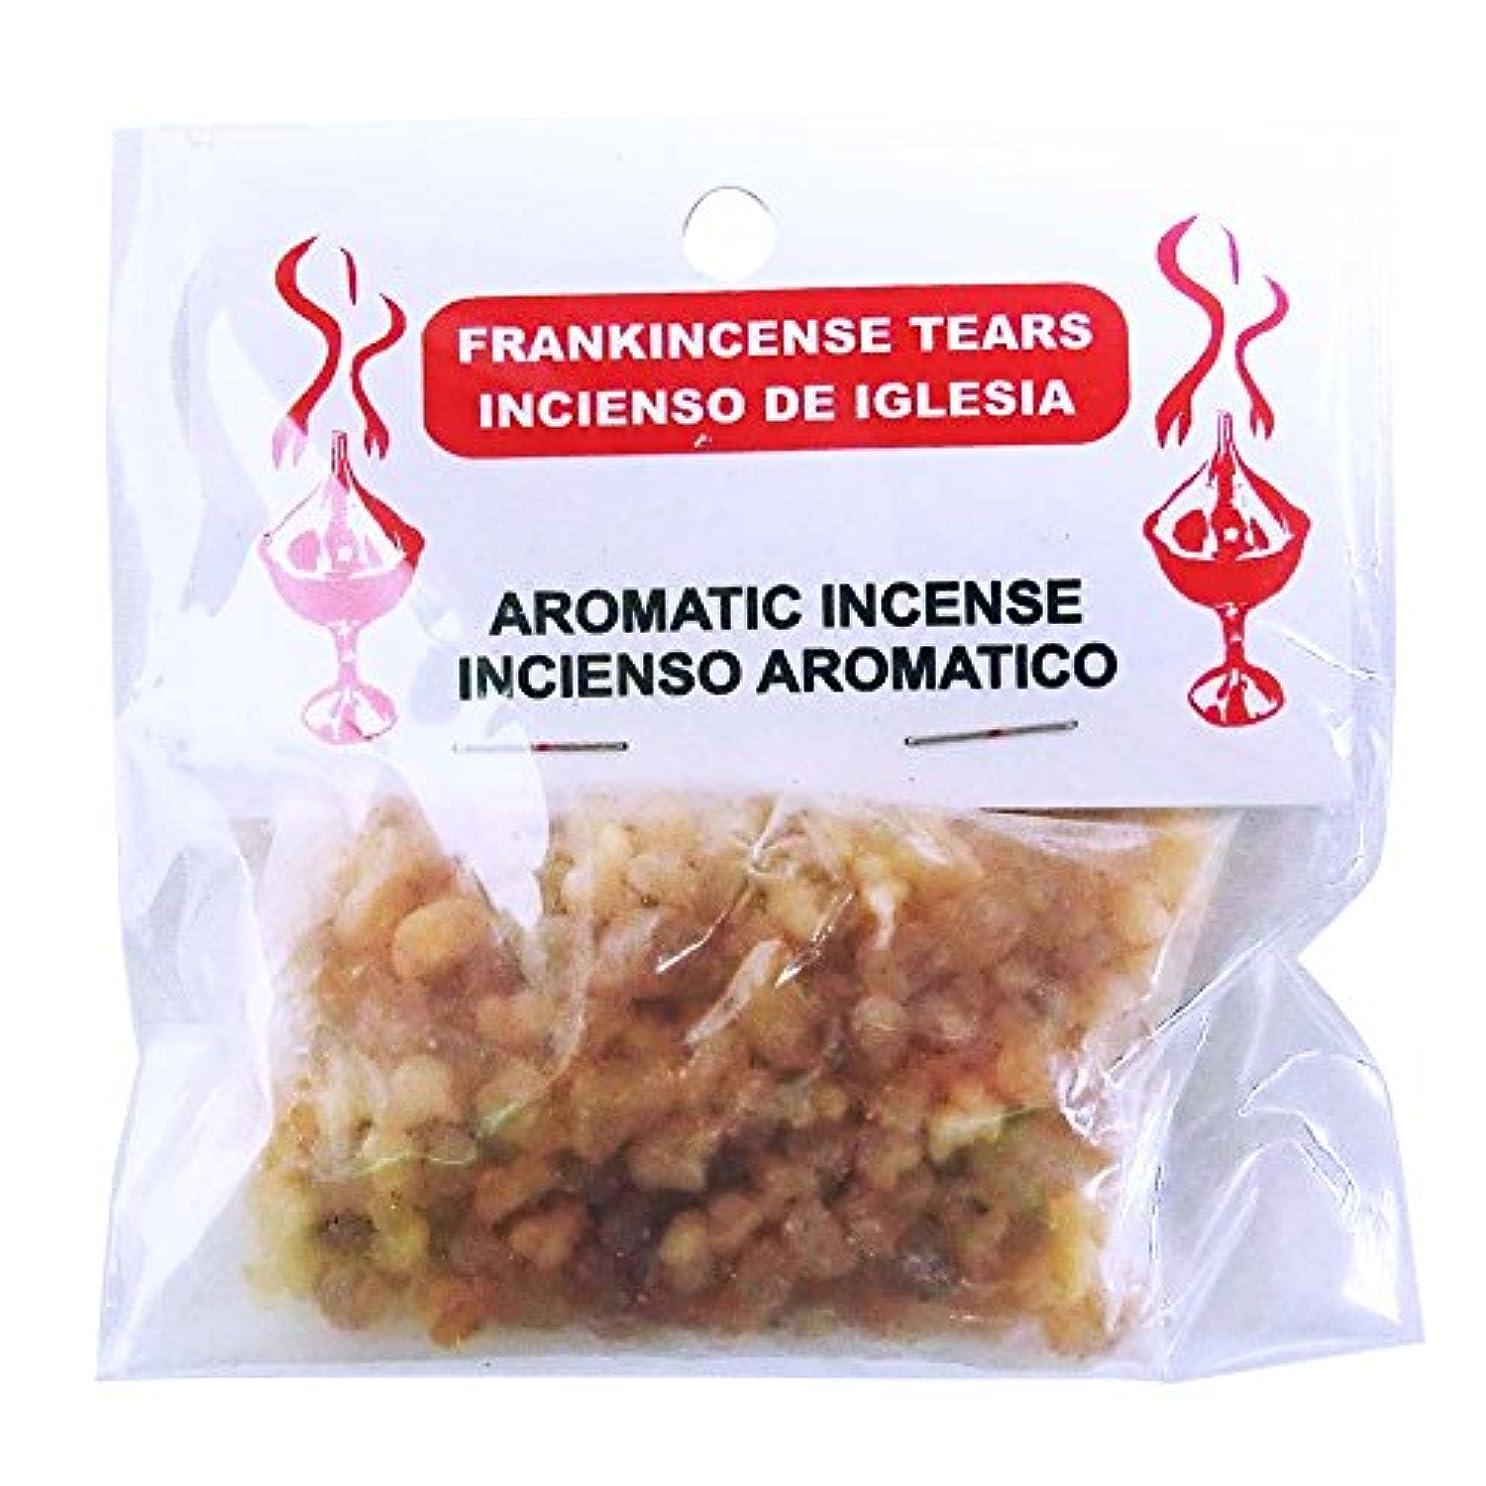 説明立場エイズ3KINGS Resin Incense(ヨルダンの聖別香) Frankincense Tears